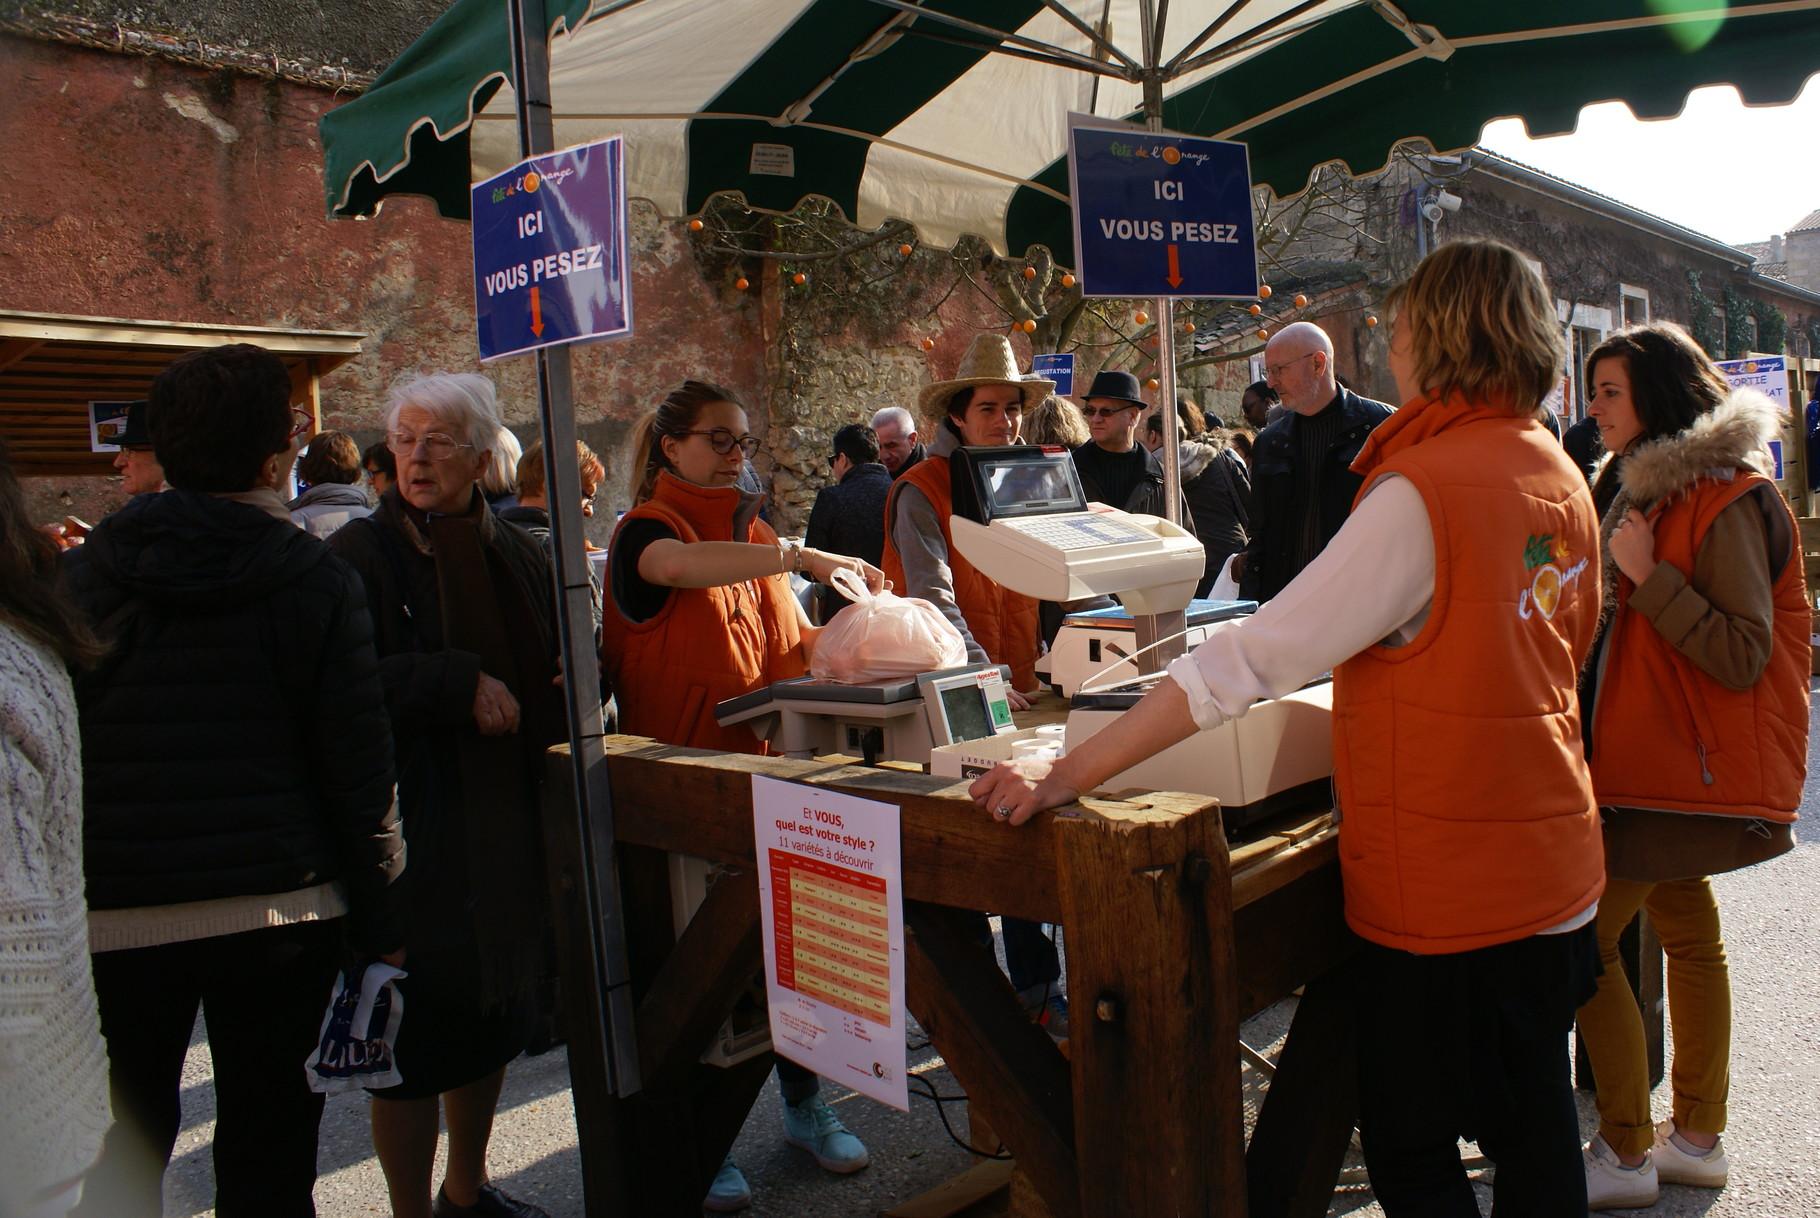 Les stands de ventes d'Oranges